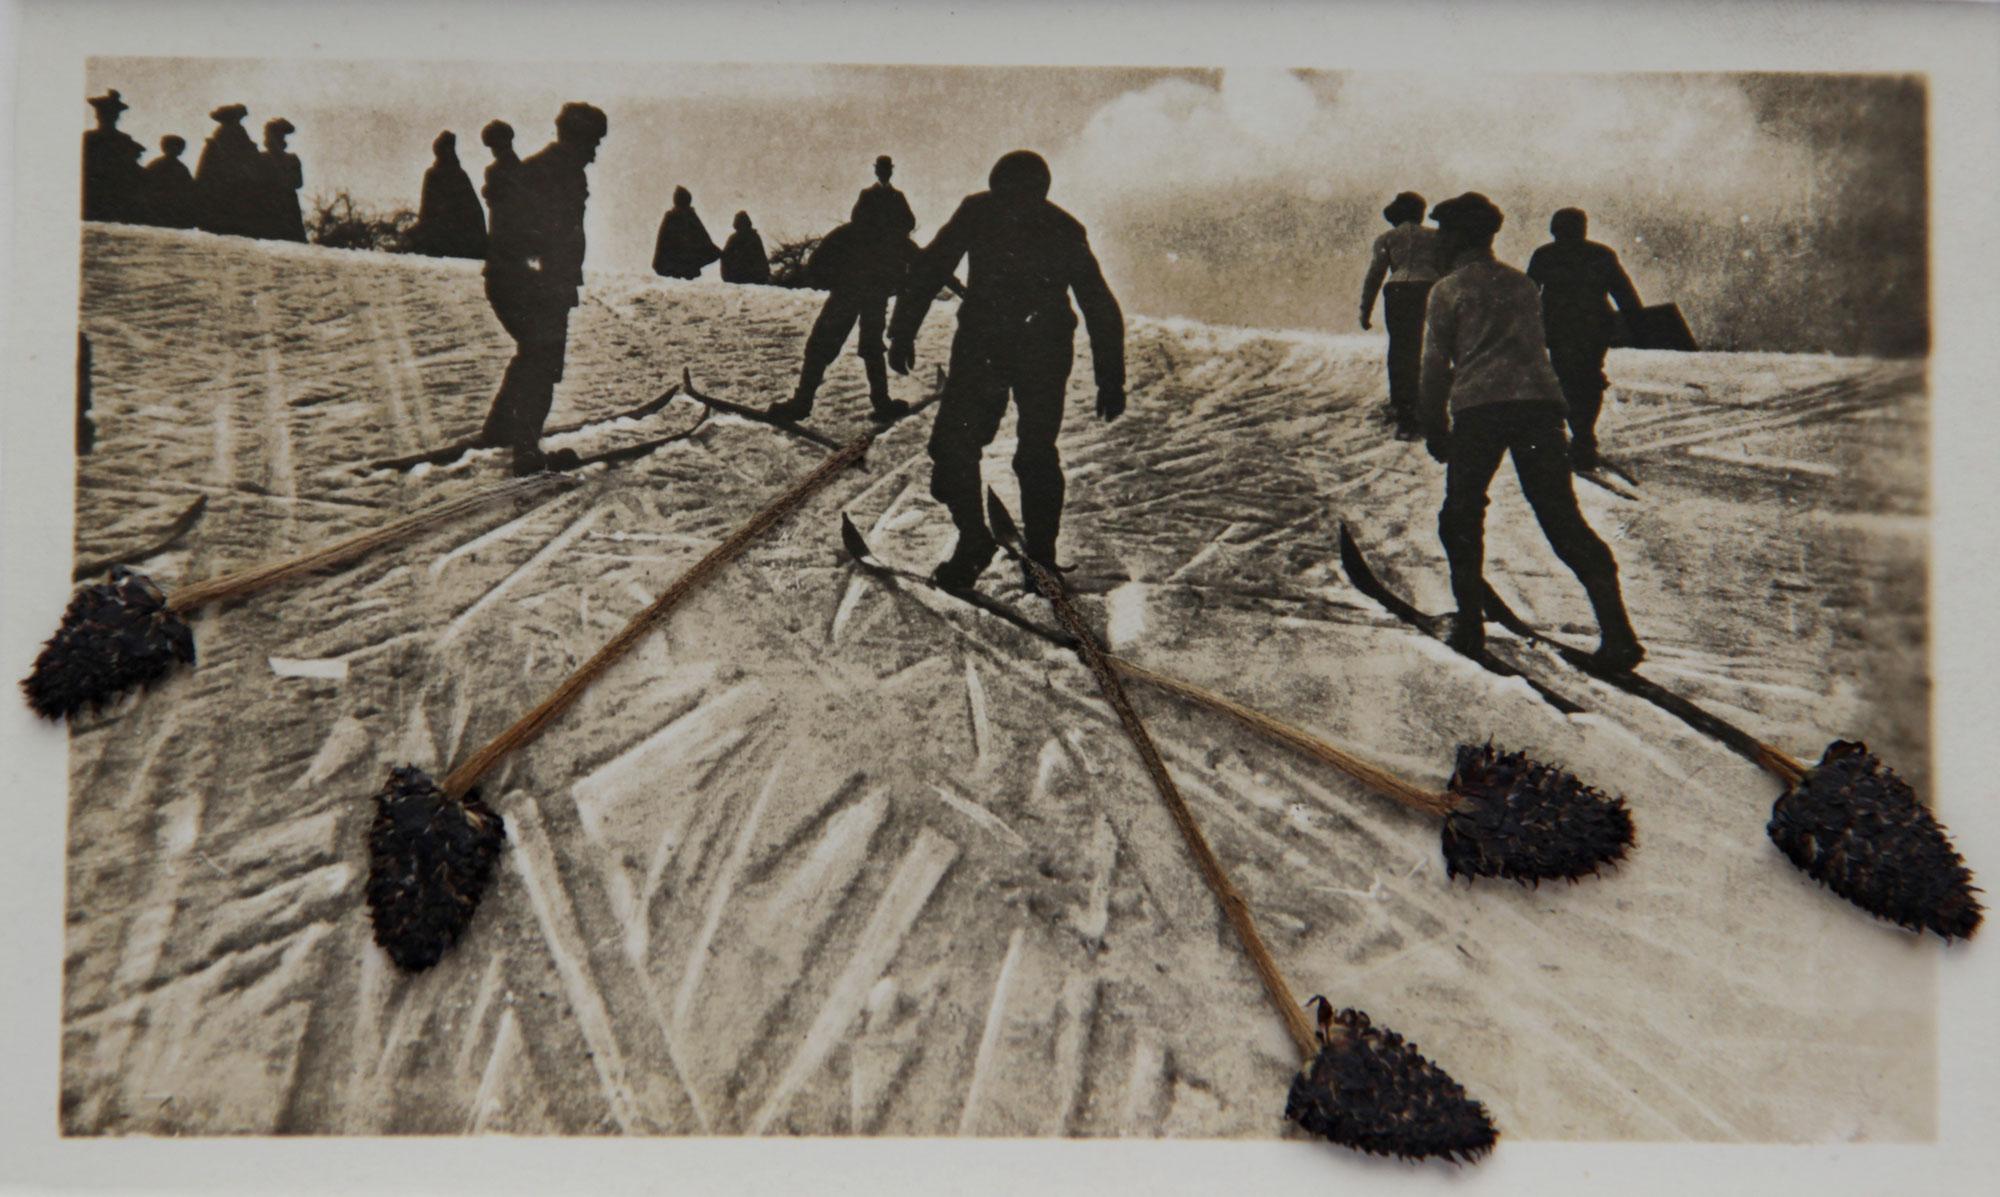 Collage #43 de Céline Dominiak sur photographie anonyme. groupe de skieurs en contrejour dont les traces se prolongent avec des tiges de fleurs séchées.